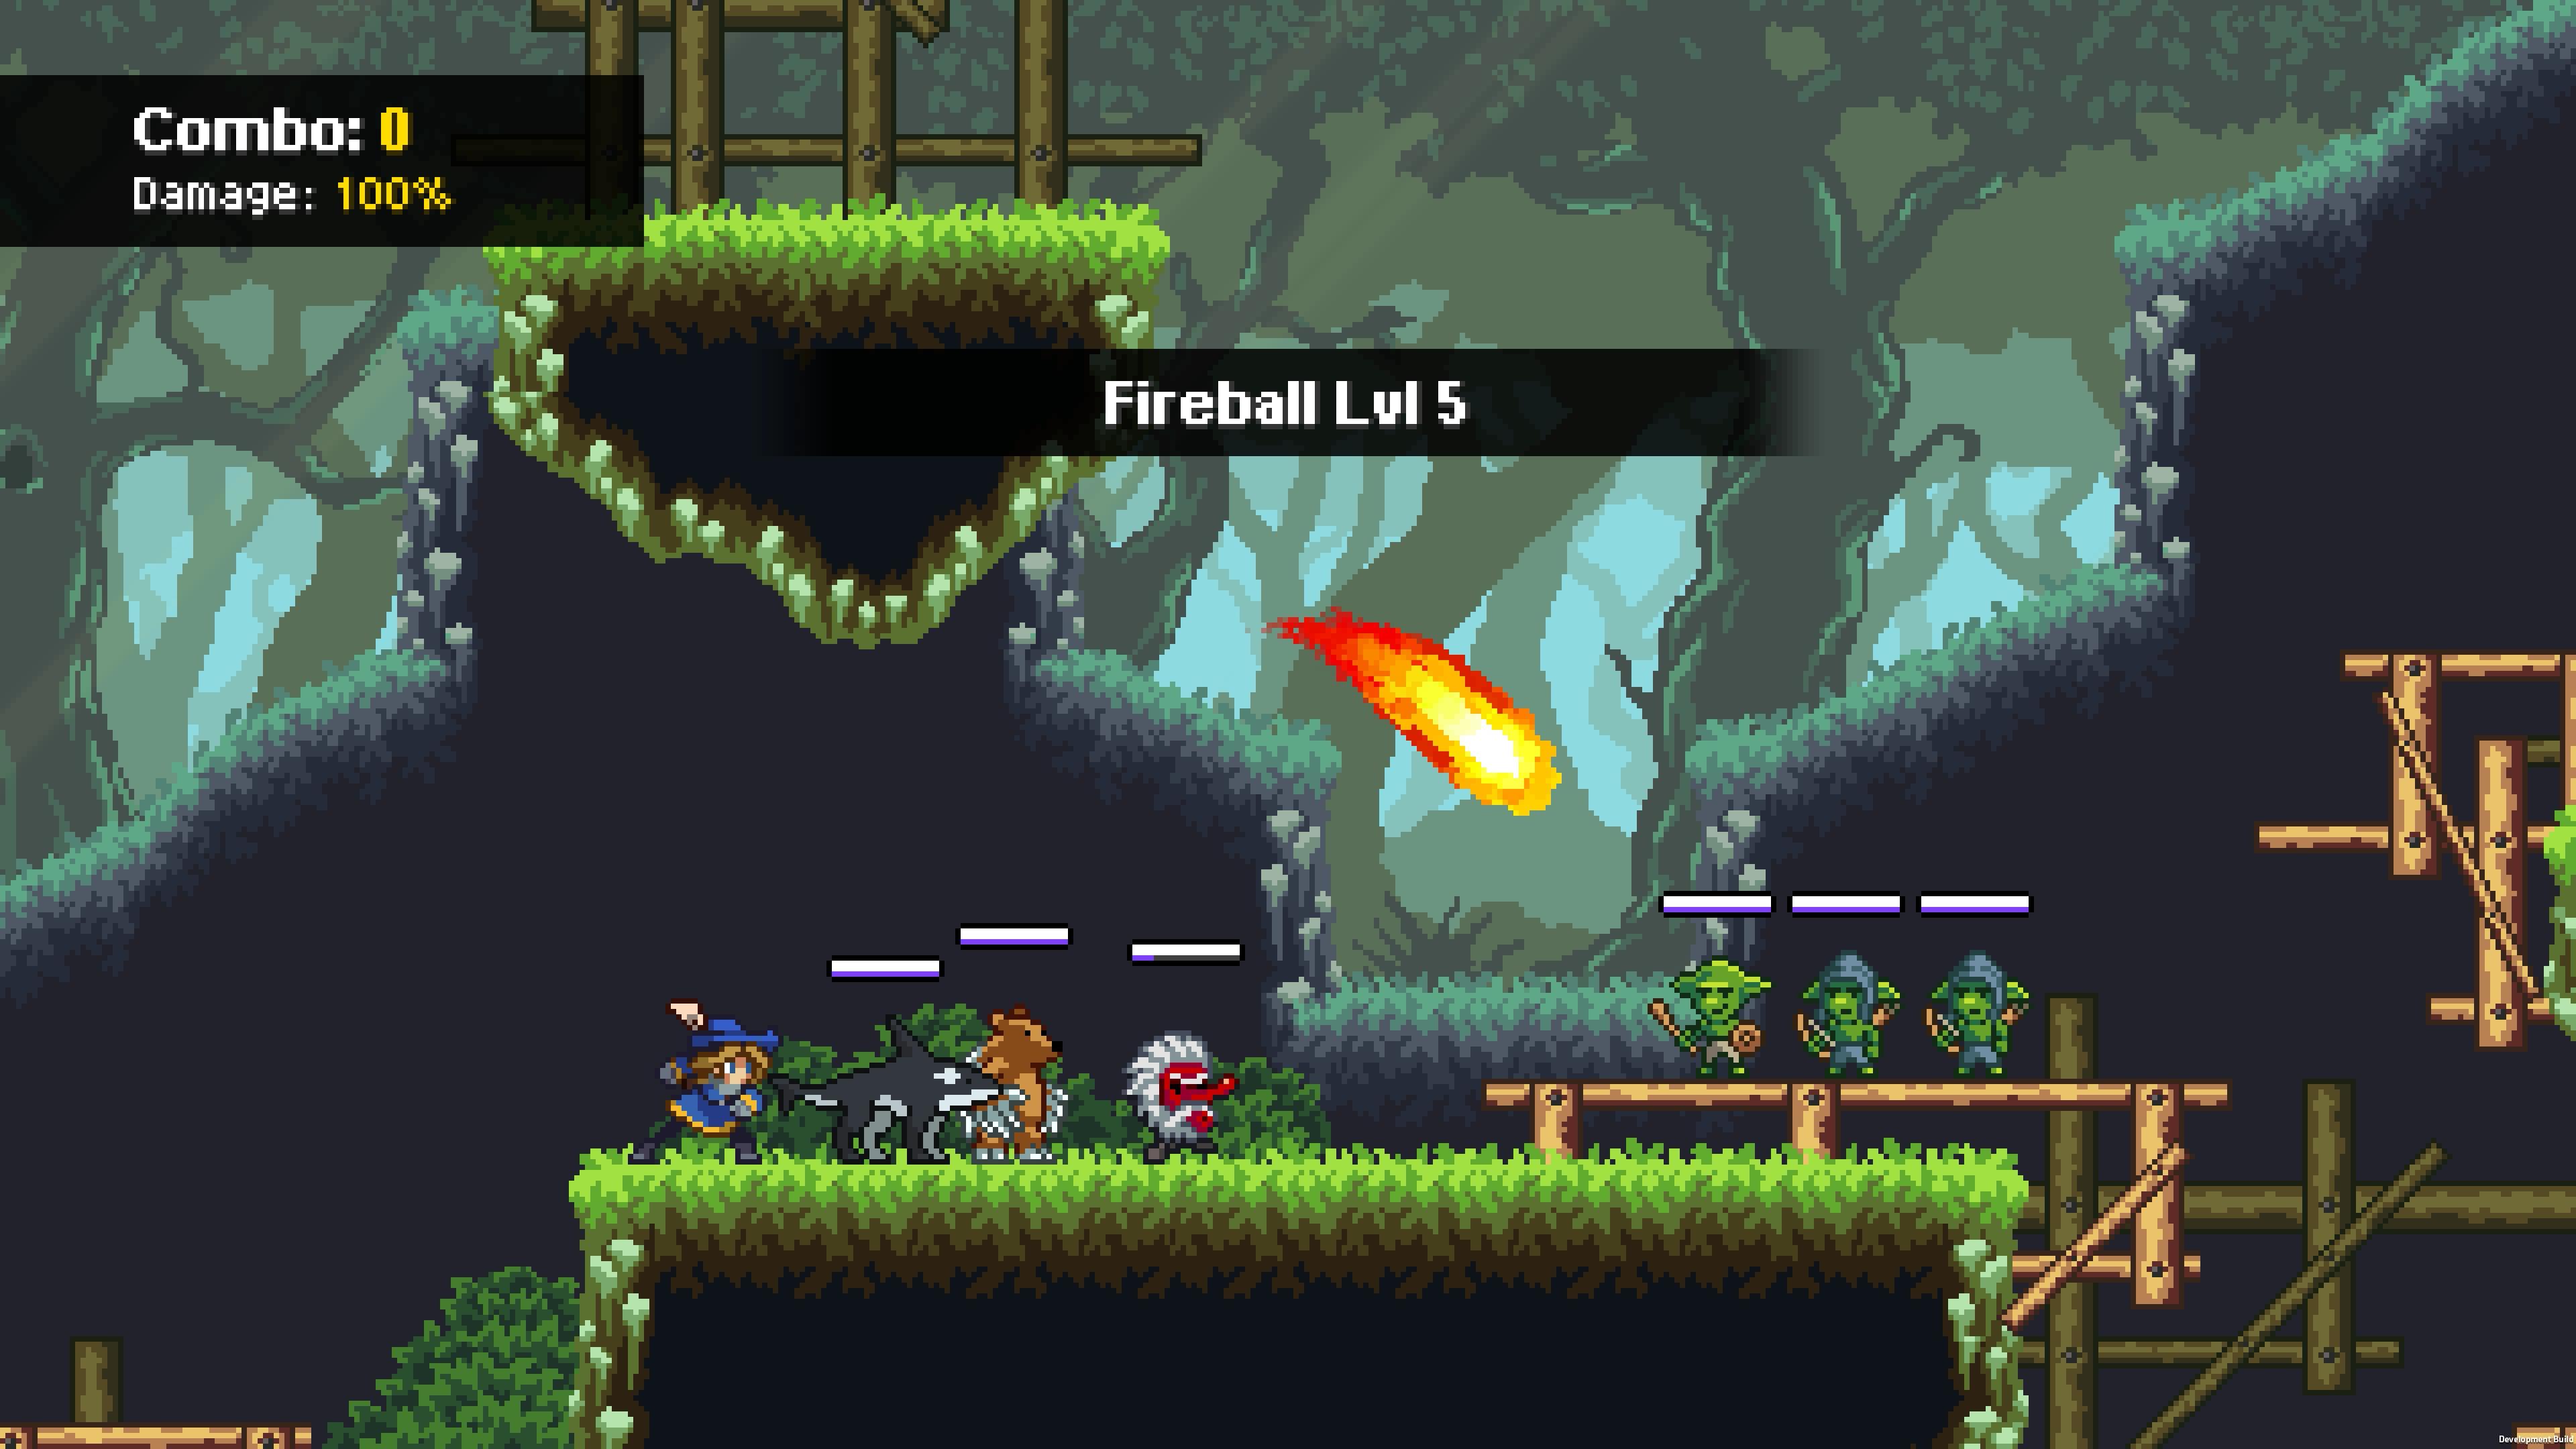 Monster-Catching Metroidvania para capturar monstros sai em dezembro, data de lançamento 1